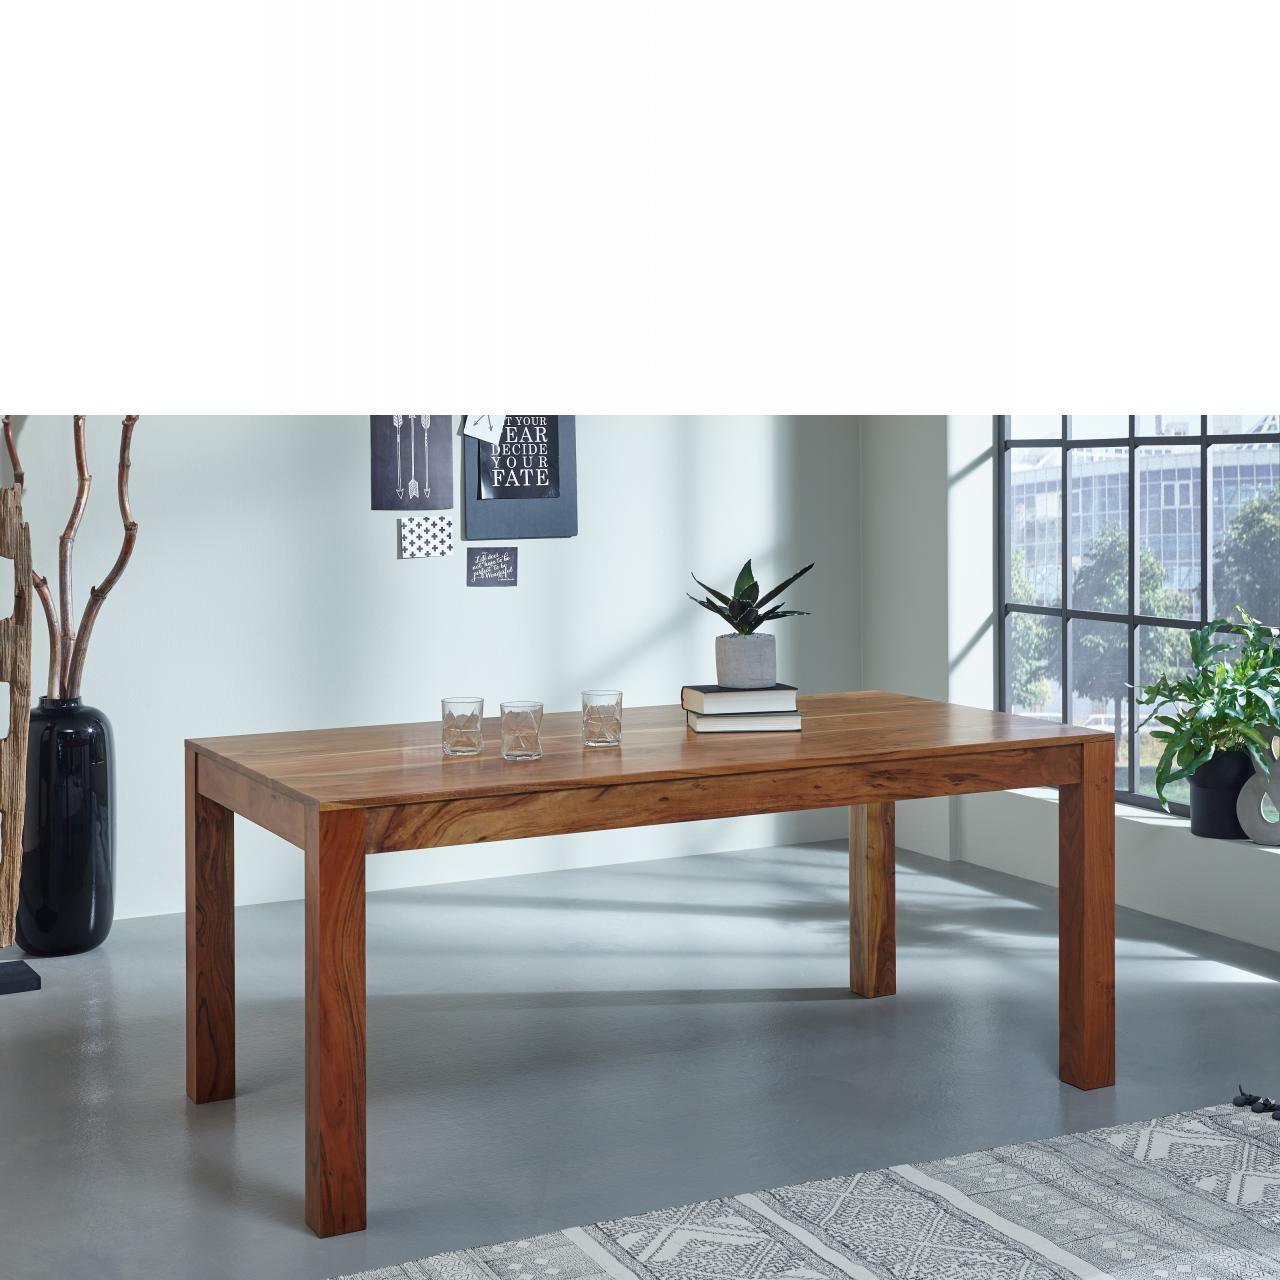 Esstisch Vision 2825 Acana Akazie Massiv Holz Küchentisch Esszimmertisch